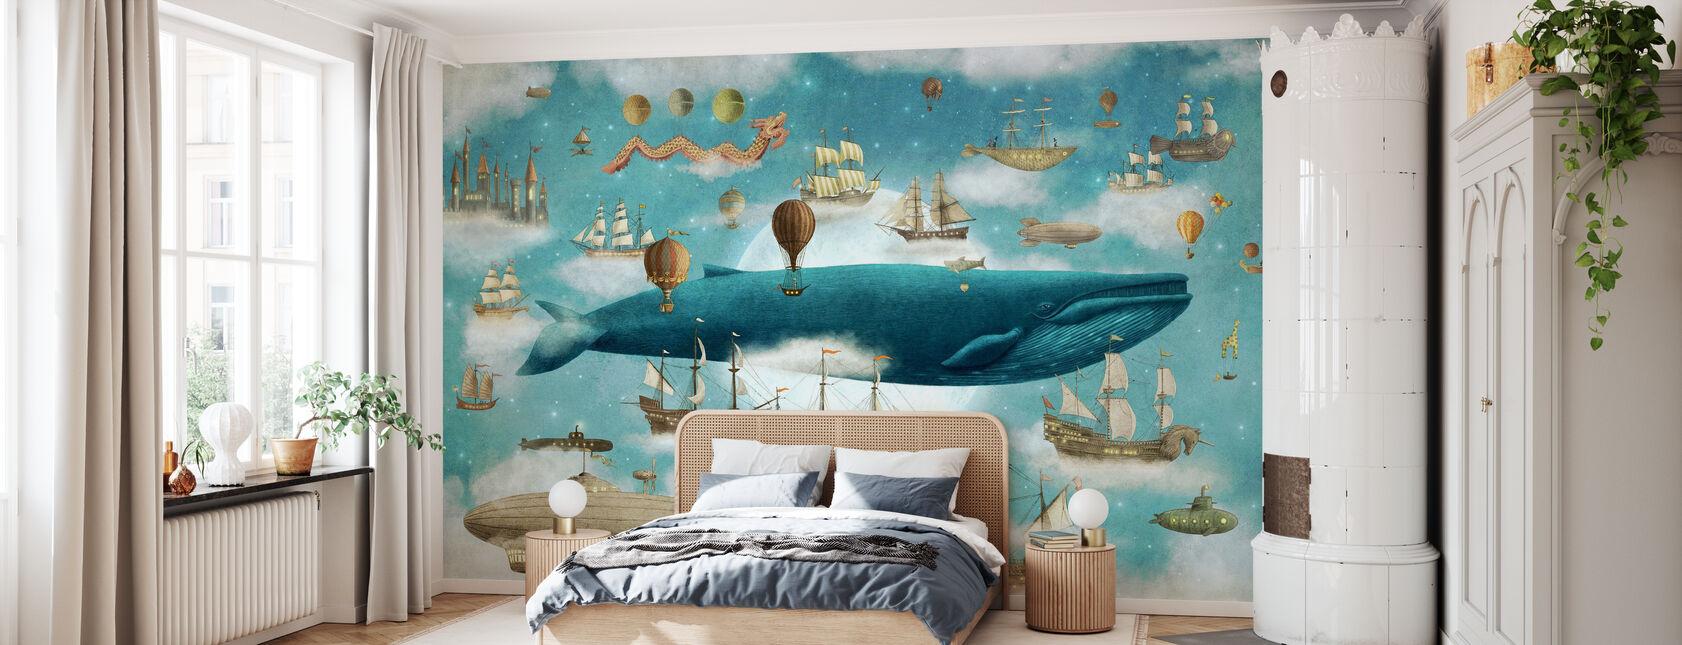 Ocean ontmoet Sky Cover - Behang - Slaapkamer